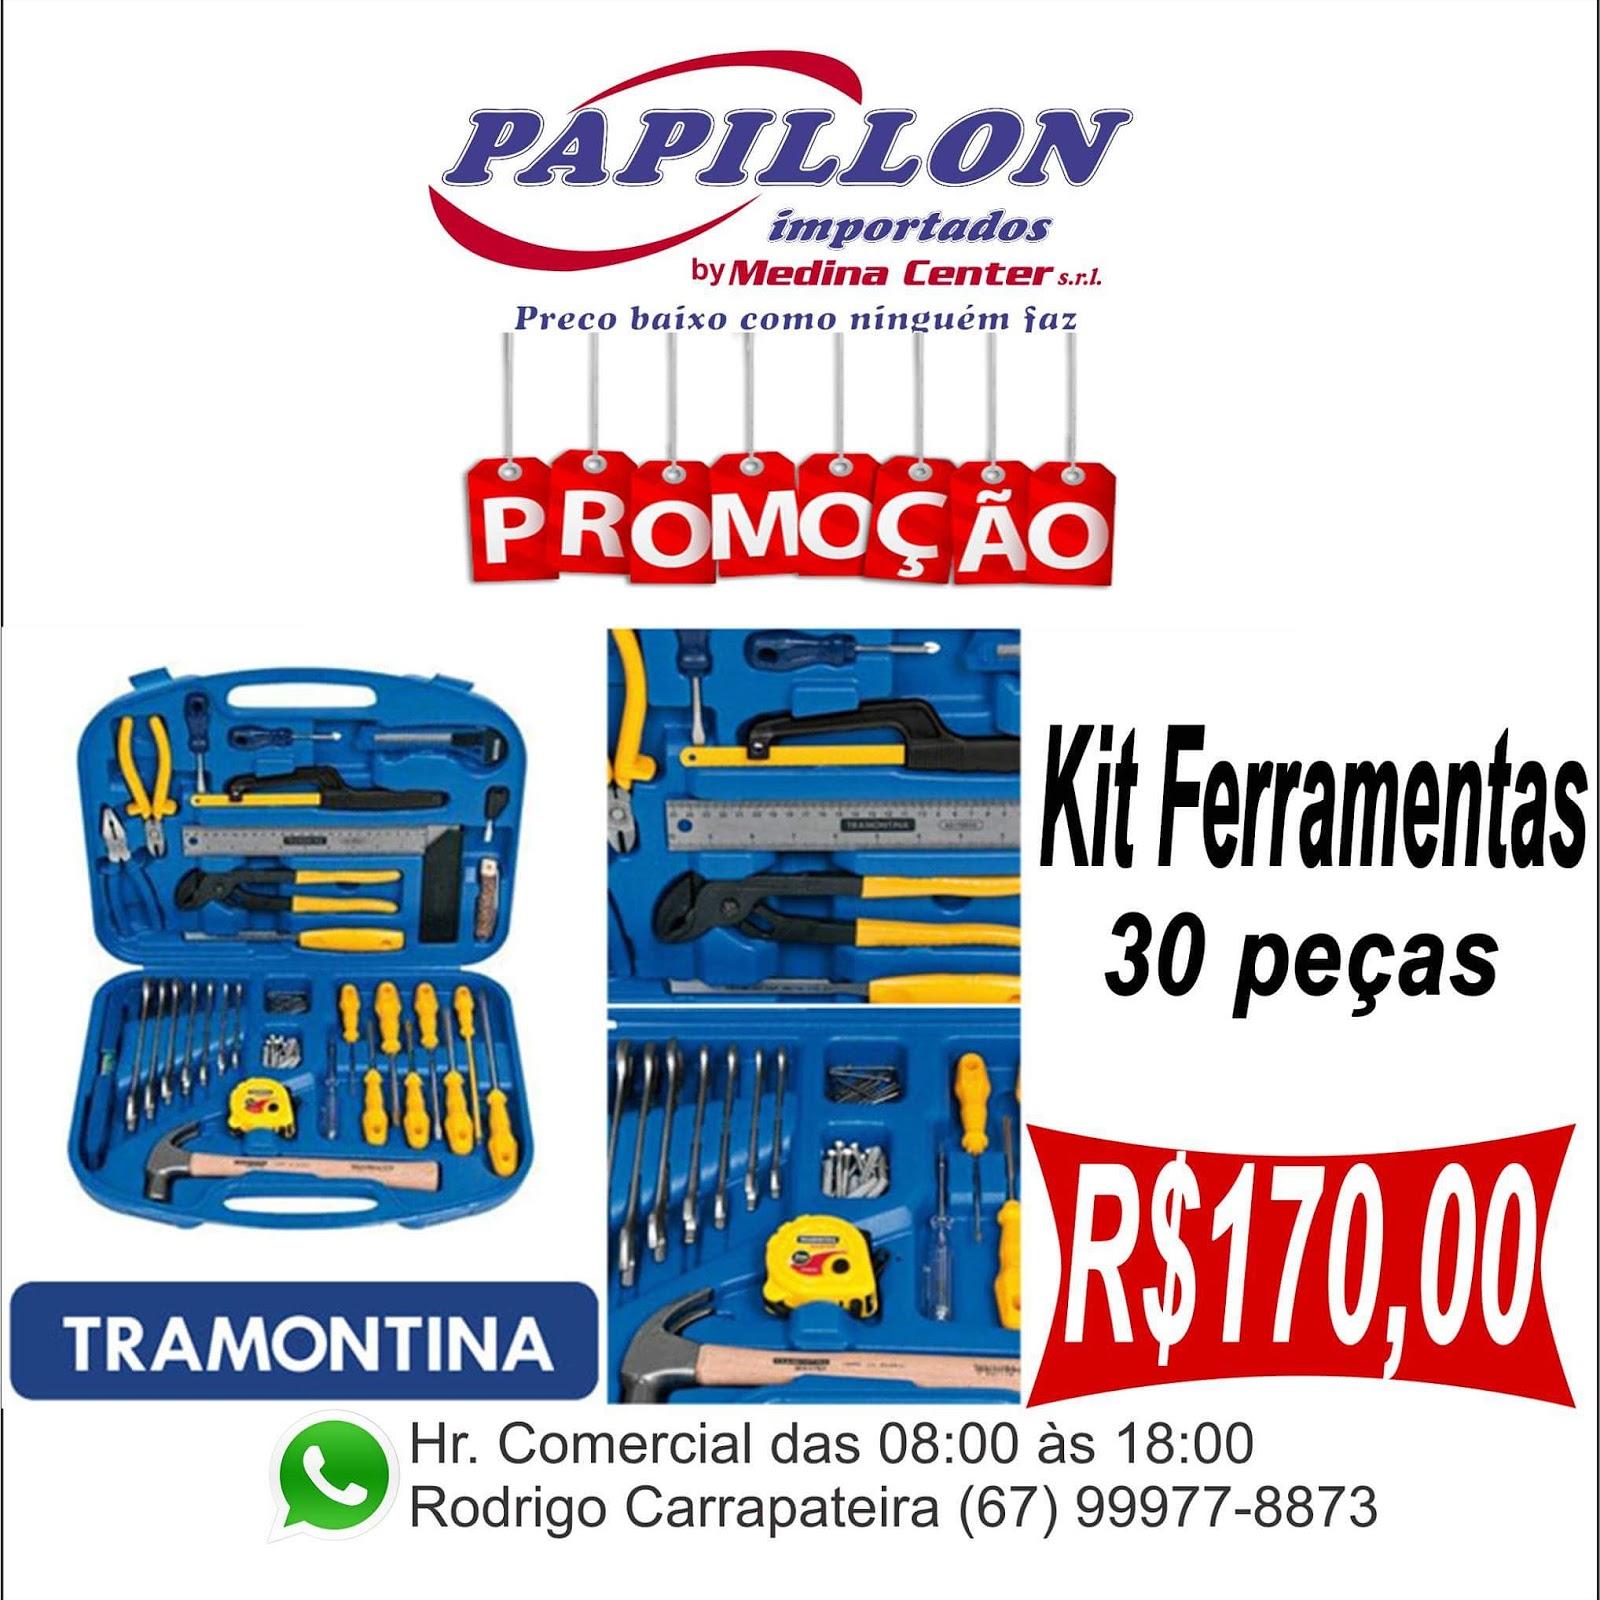 fb4bb621b301f Clique Download ou informaçoes para ver mais produtos. ~ PAPILLON IMPORTADOS